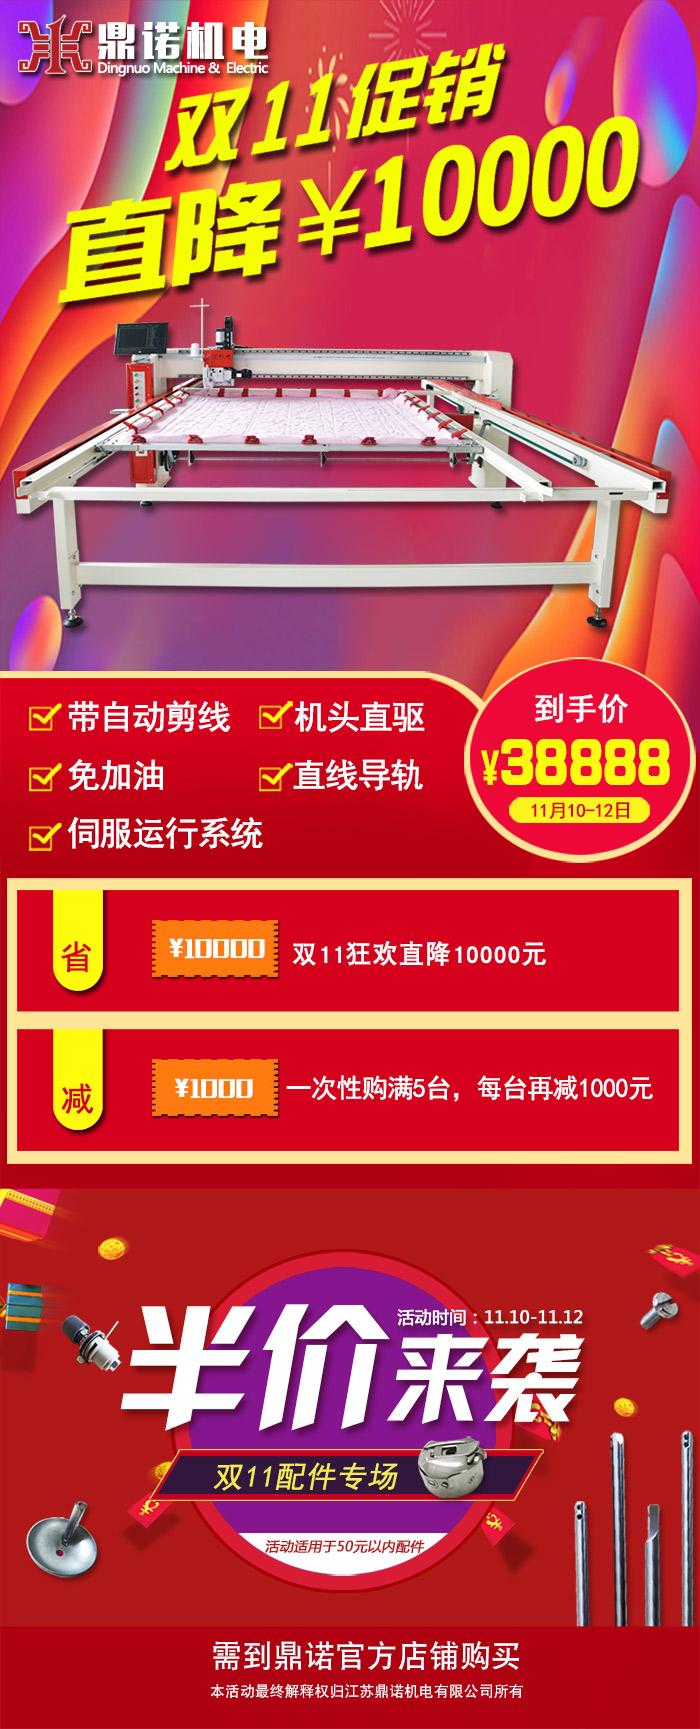 鼎诺双11促销详情